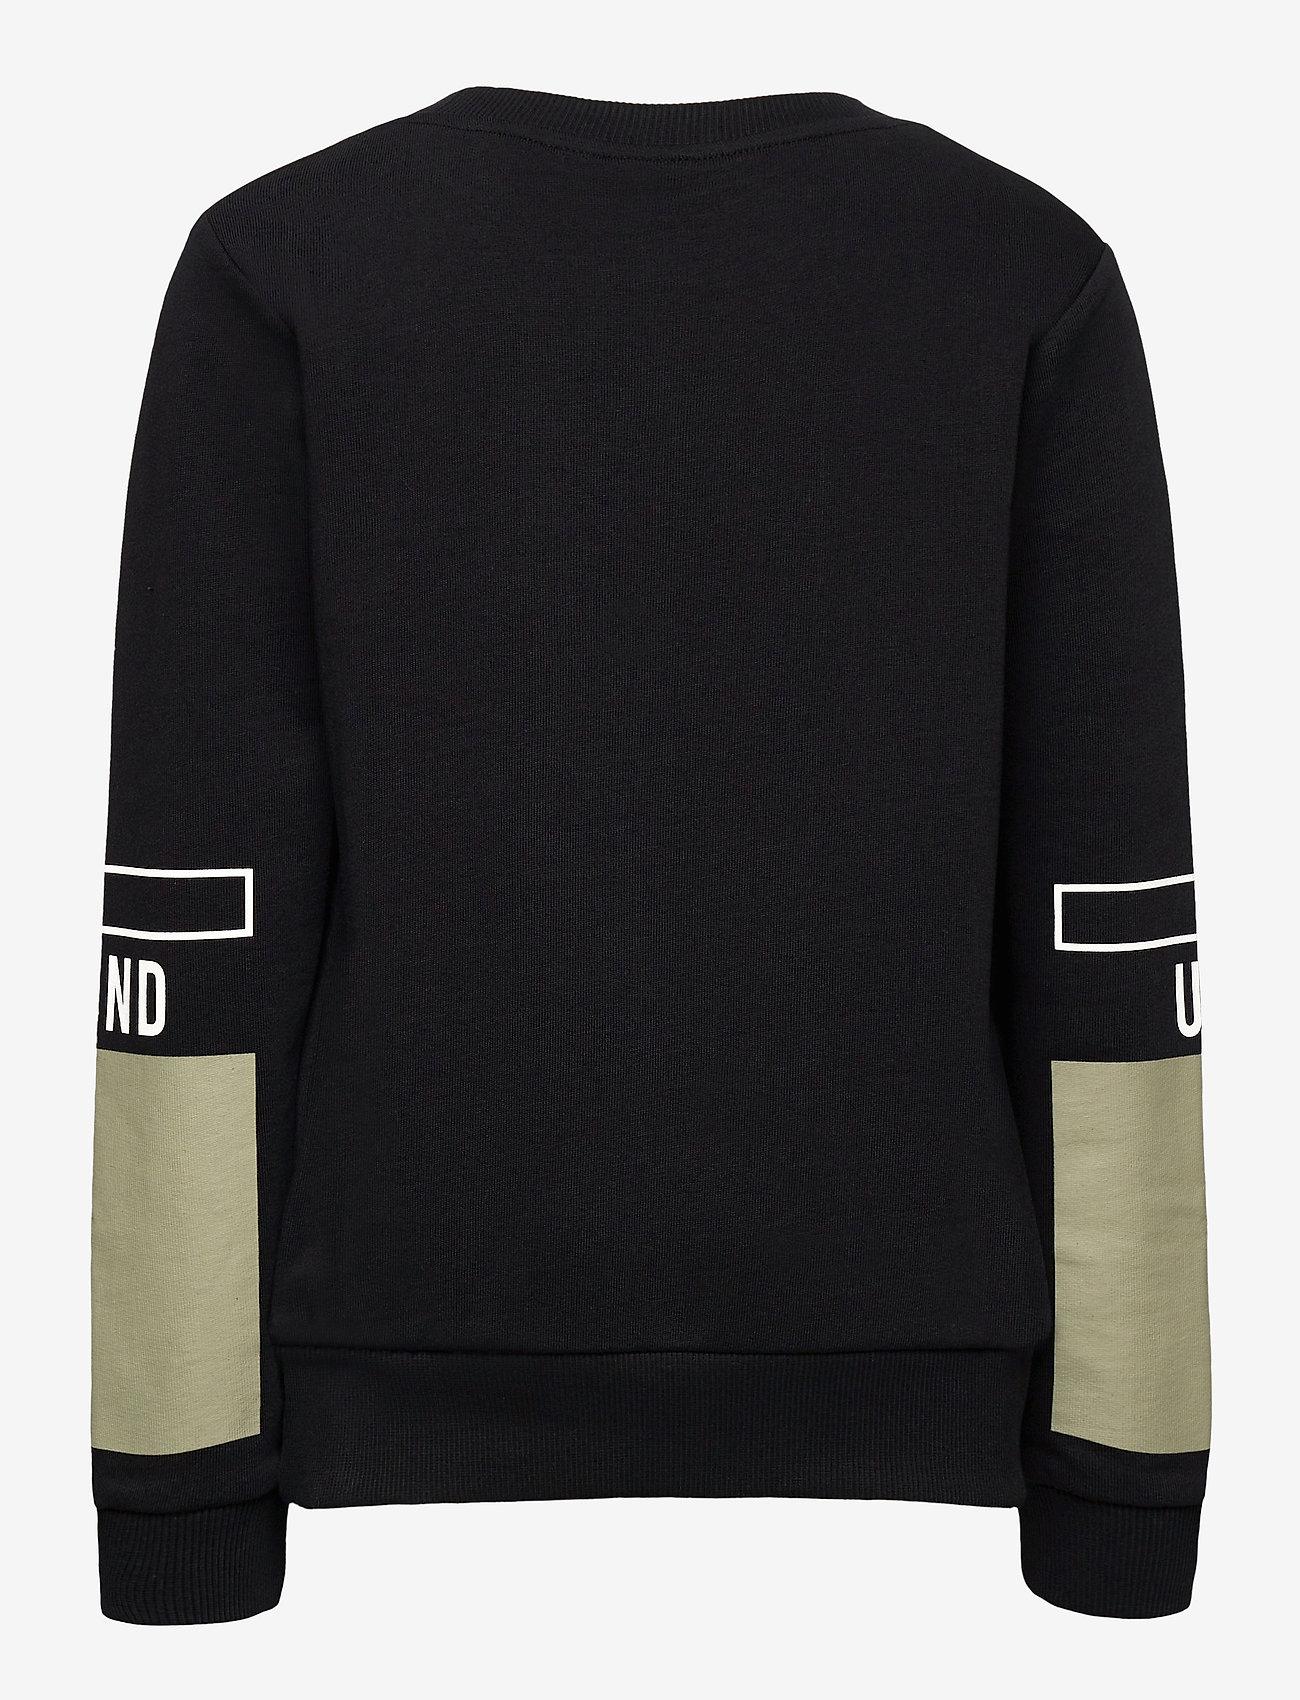 LMTD - NLMTHEIS LS SWEAT - sweatshirts - black - 1